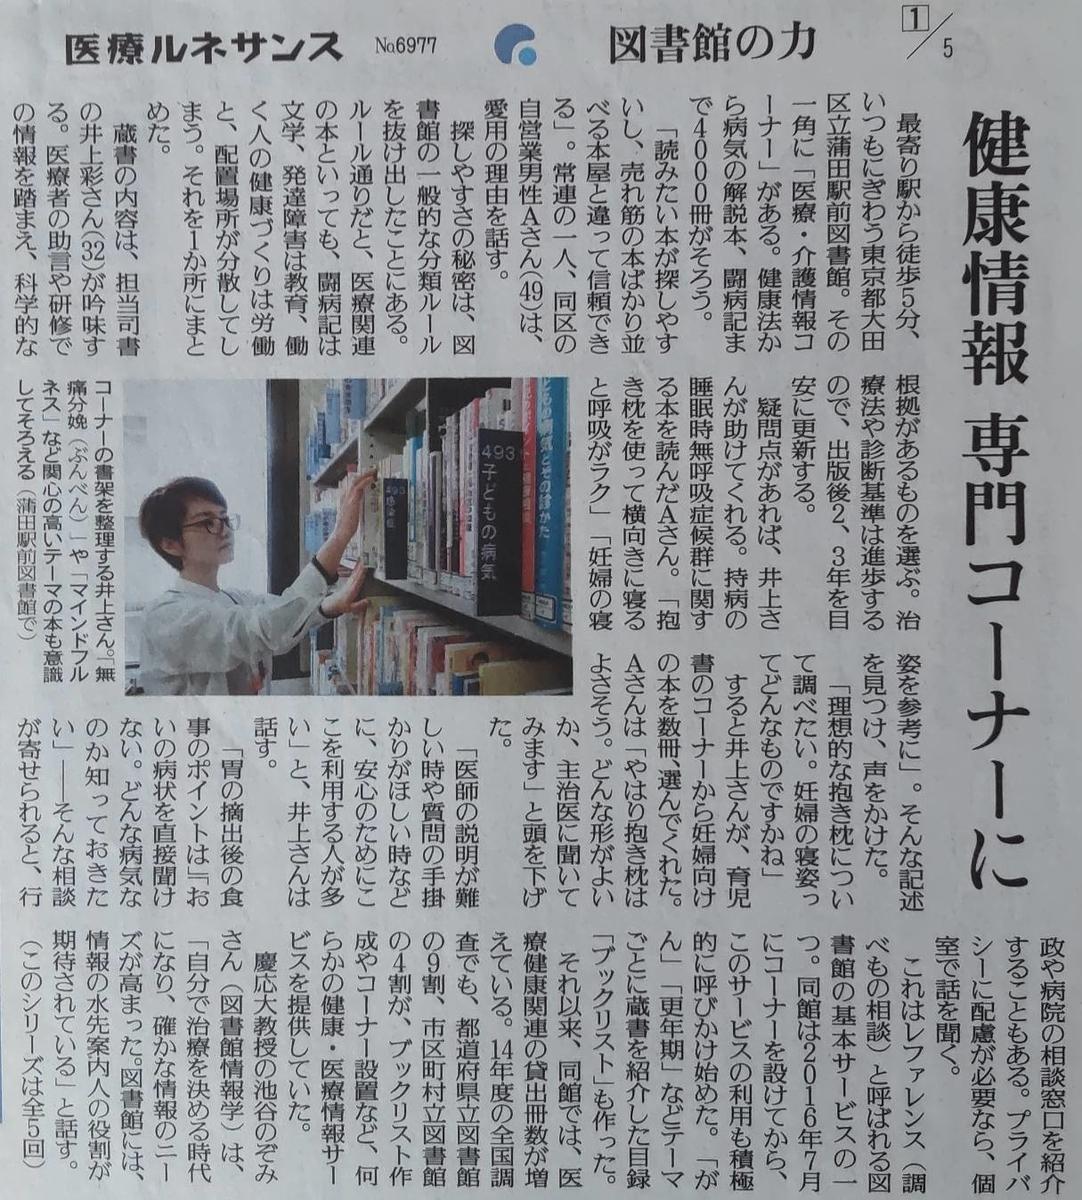 f:id:kazura-kobayashi:20210613145241j:plain